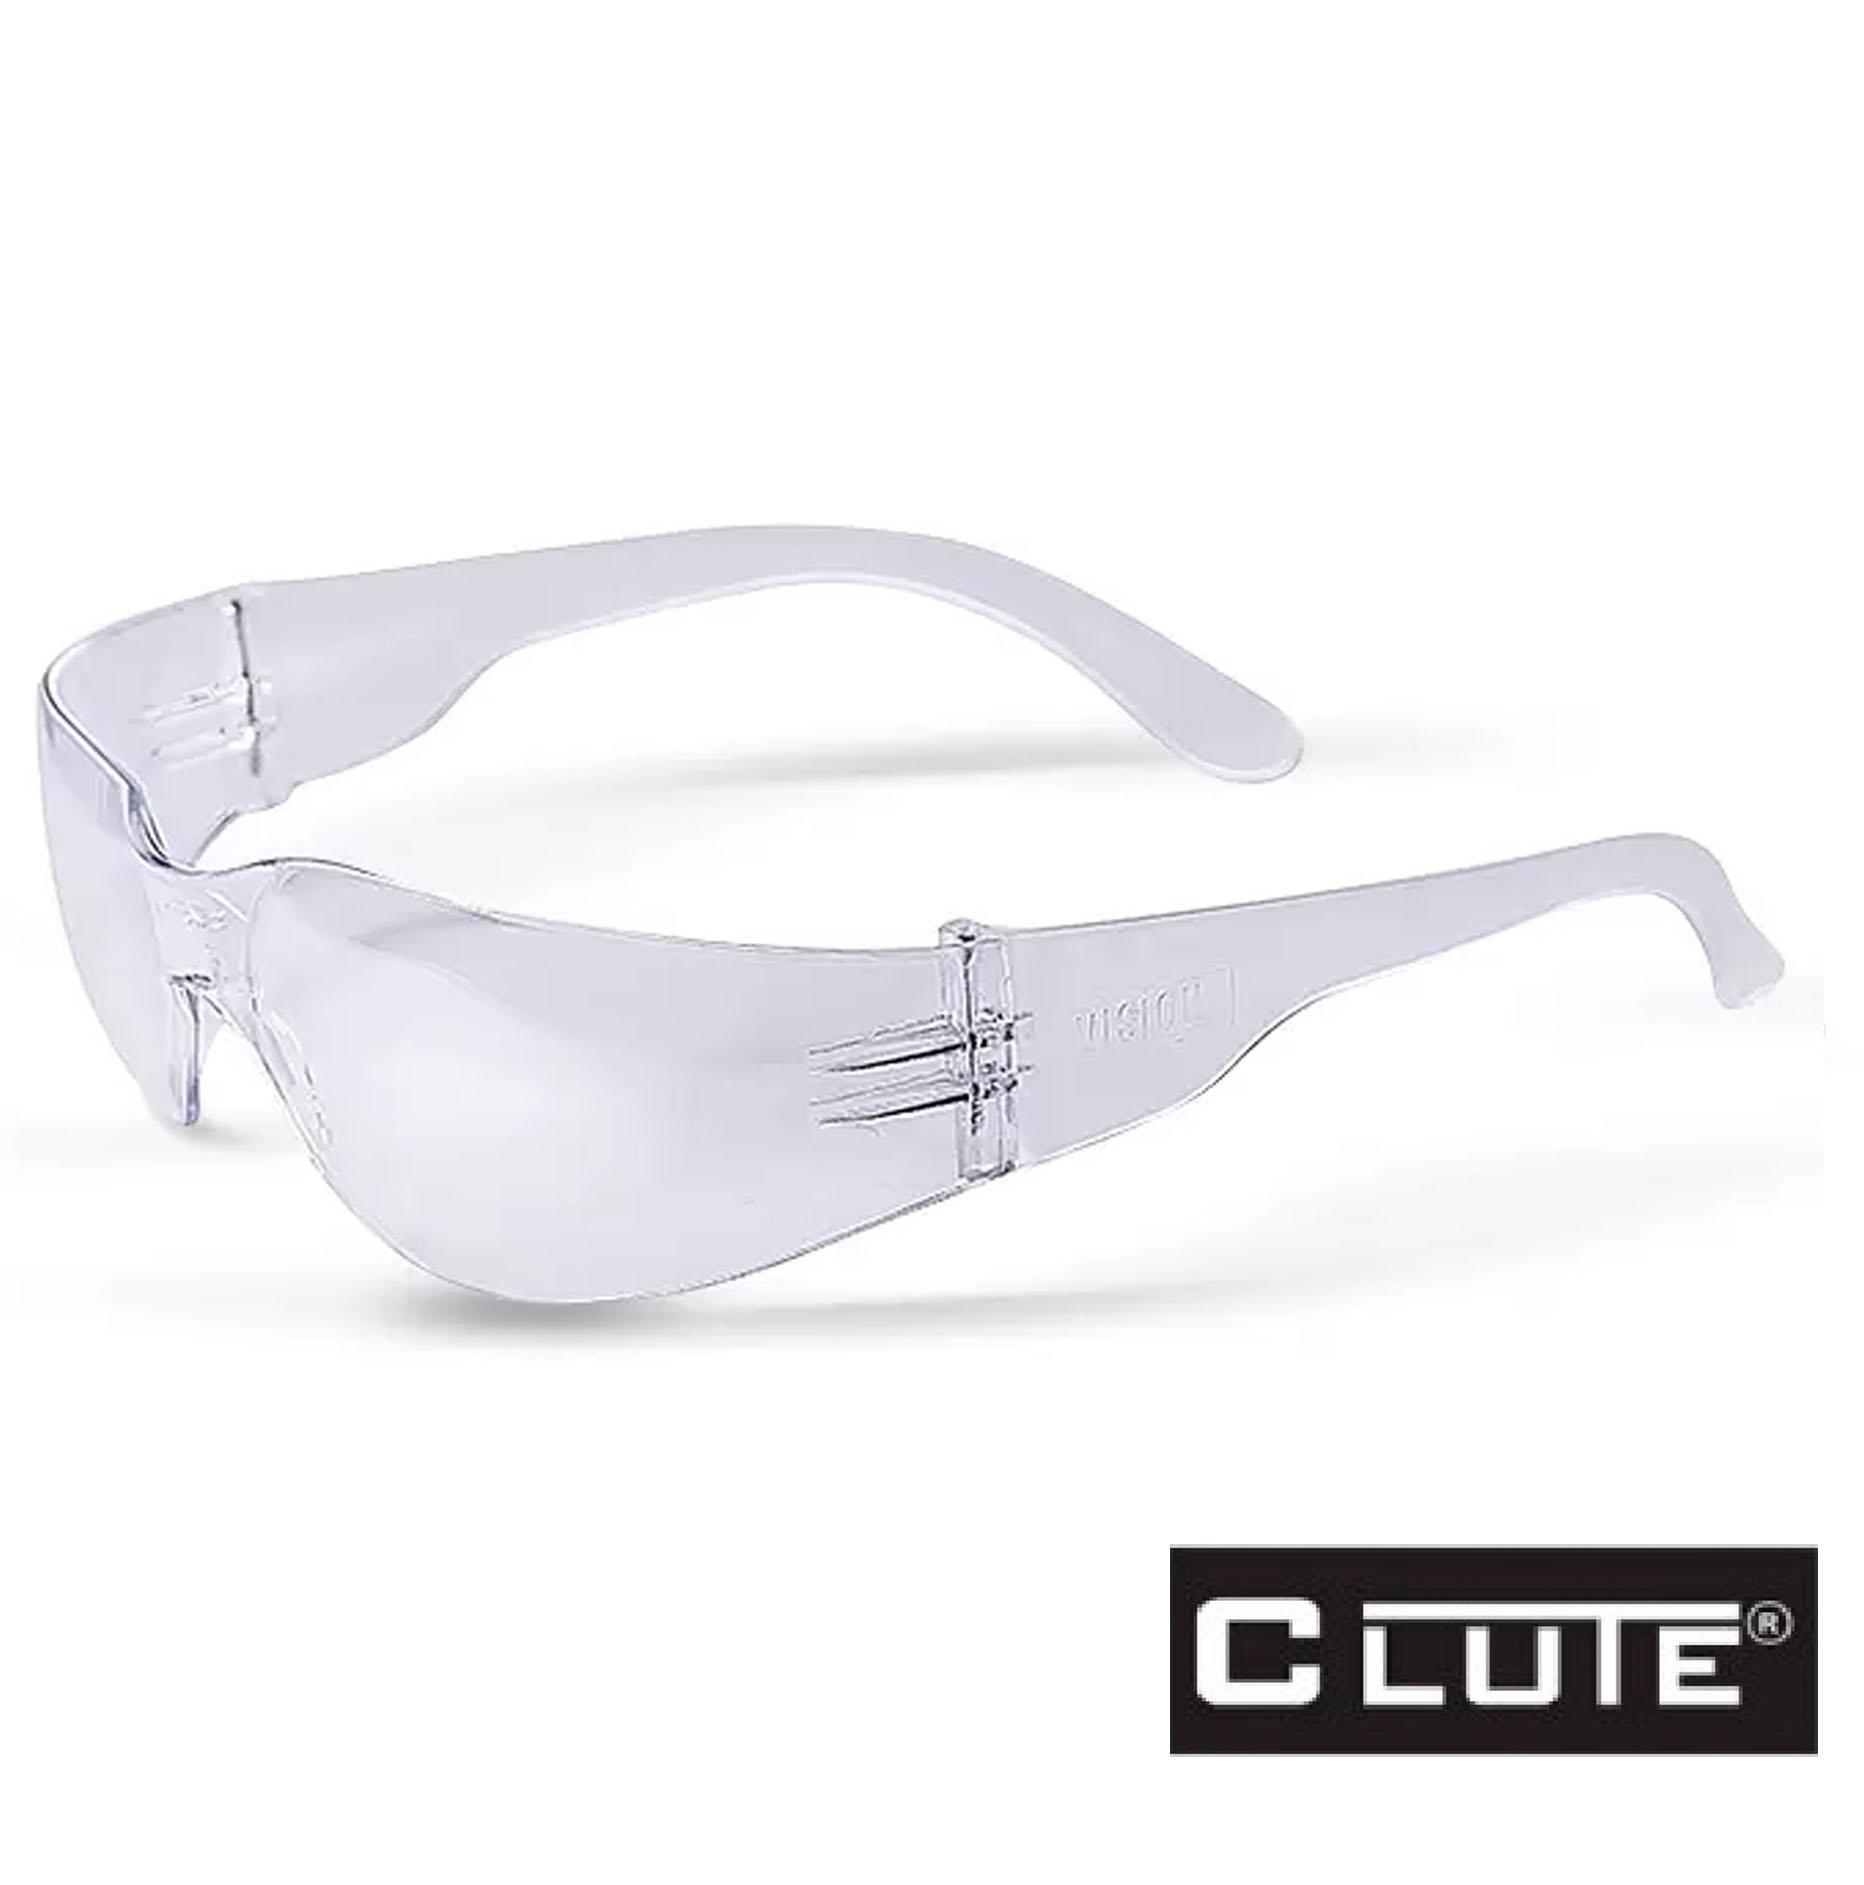 Lente De Seguridad Vision Hc Luna Clara